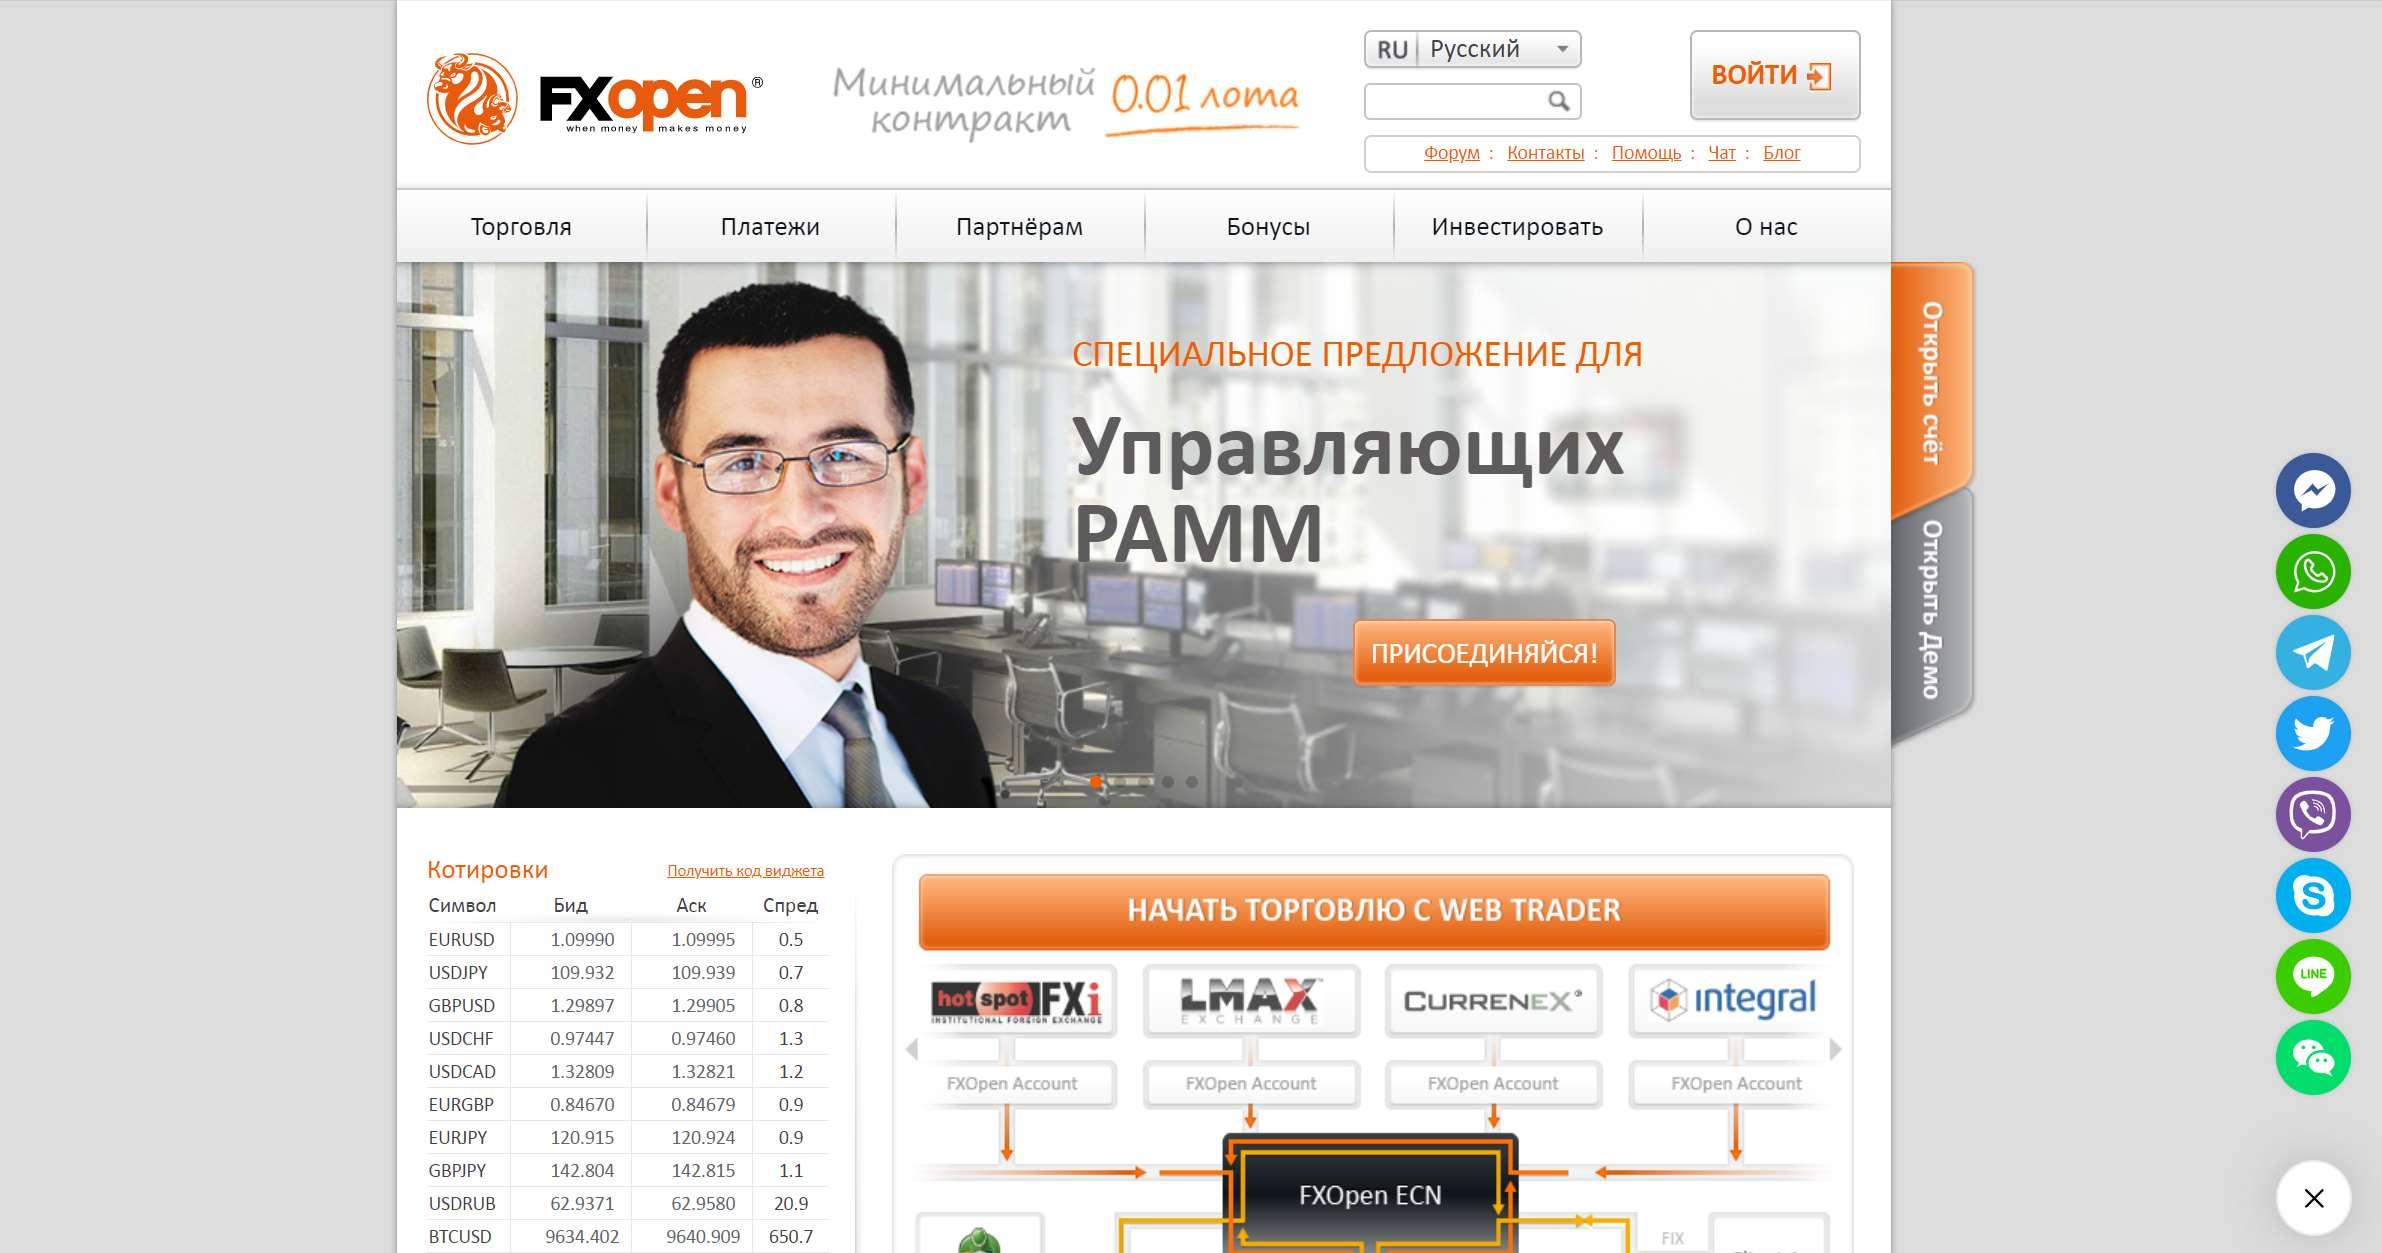 Брокерская компания FXOpen: обзор, отзывы